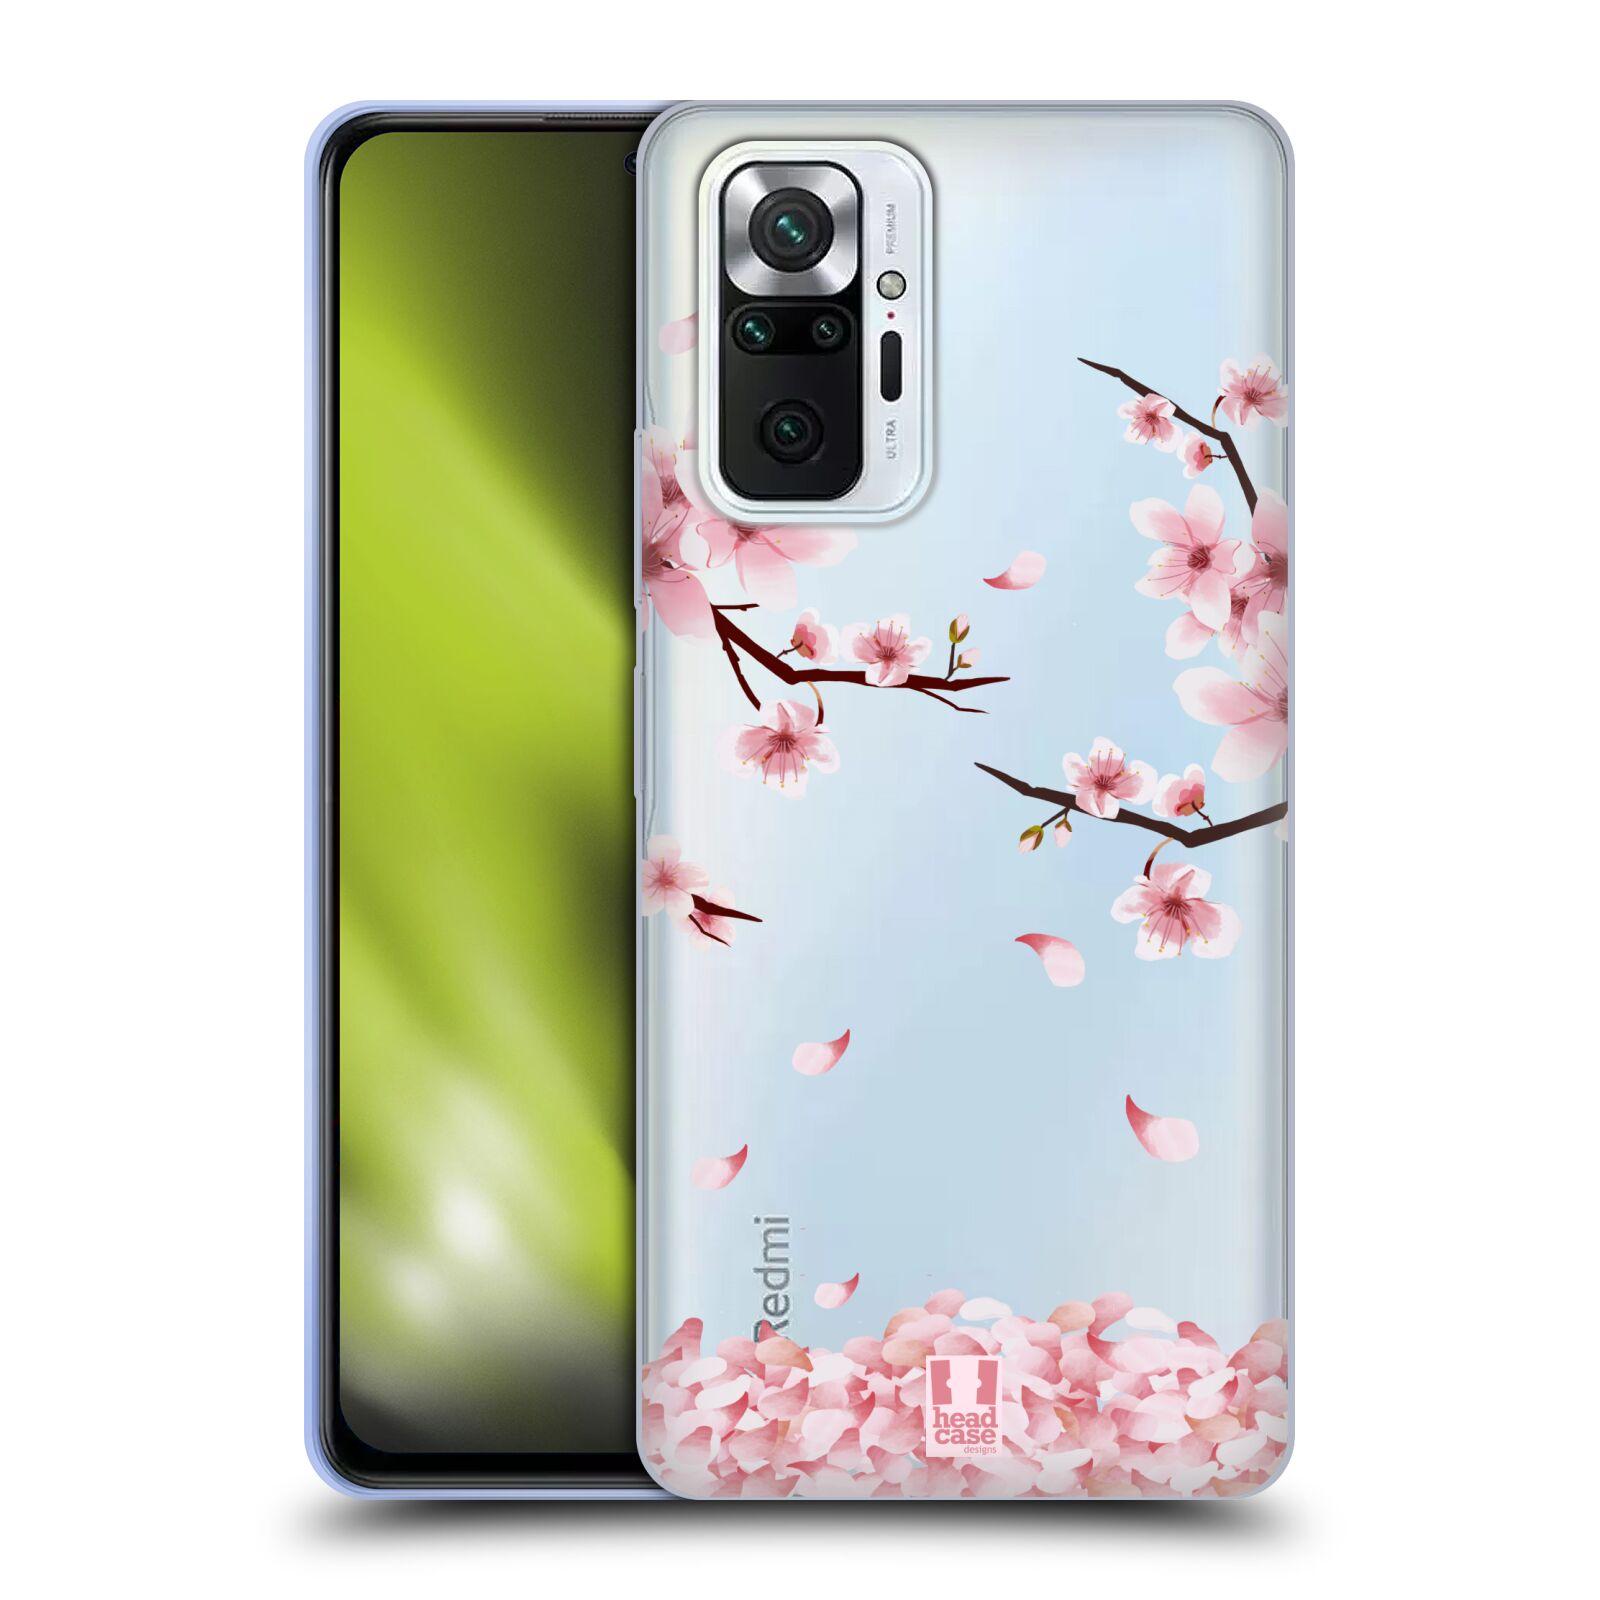 Silikonové pouzdro na mobil Xiaomi Redmi Note 10 Pro - Head Case - Květy a větvičky